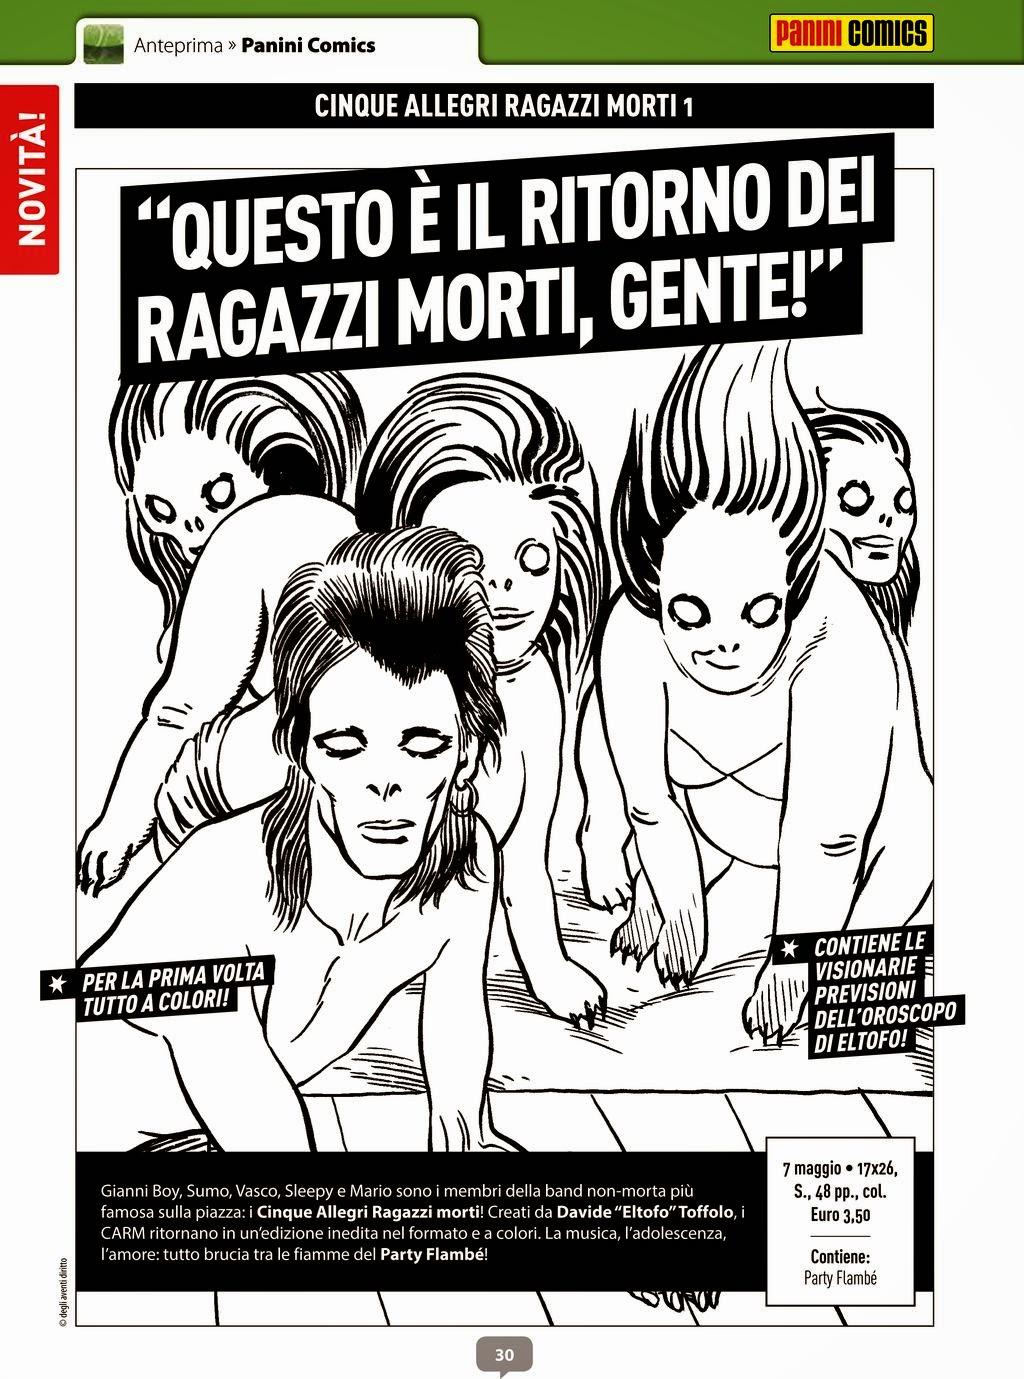 Cinque allegri ragazzi morti #1 (Anteprima #282 Febbraio 2015)